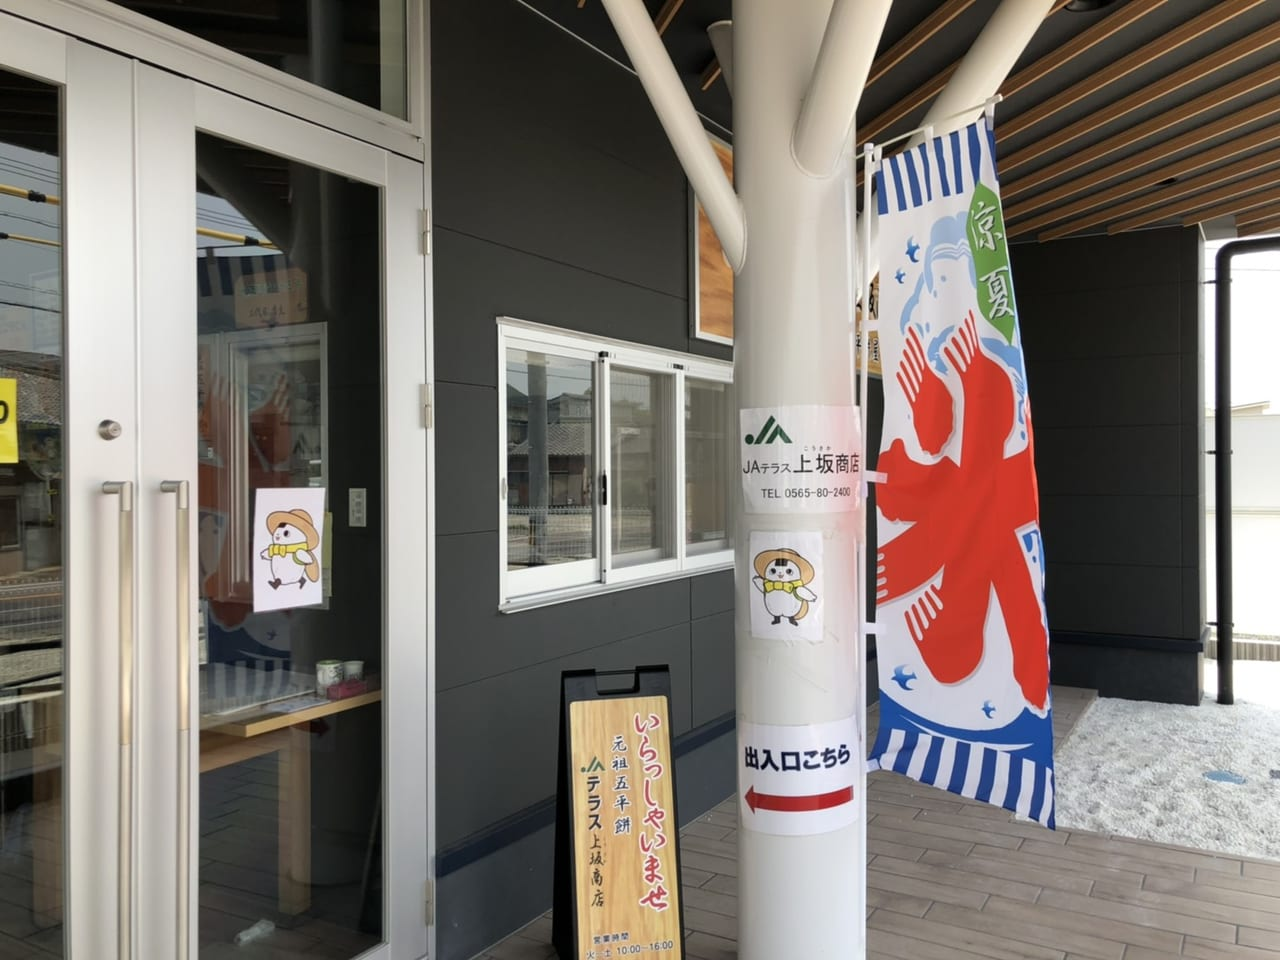 JAテラス上坂商店かき氷のぼり旗